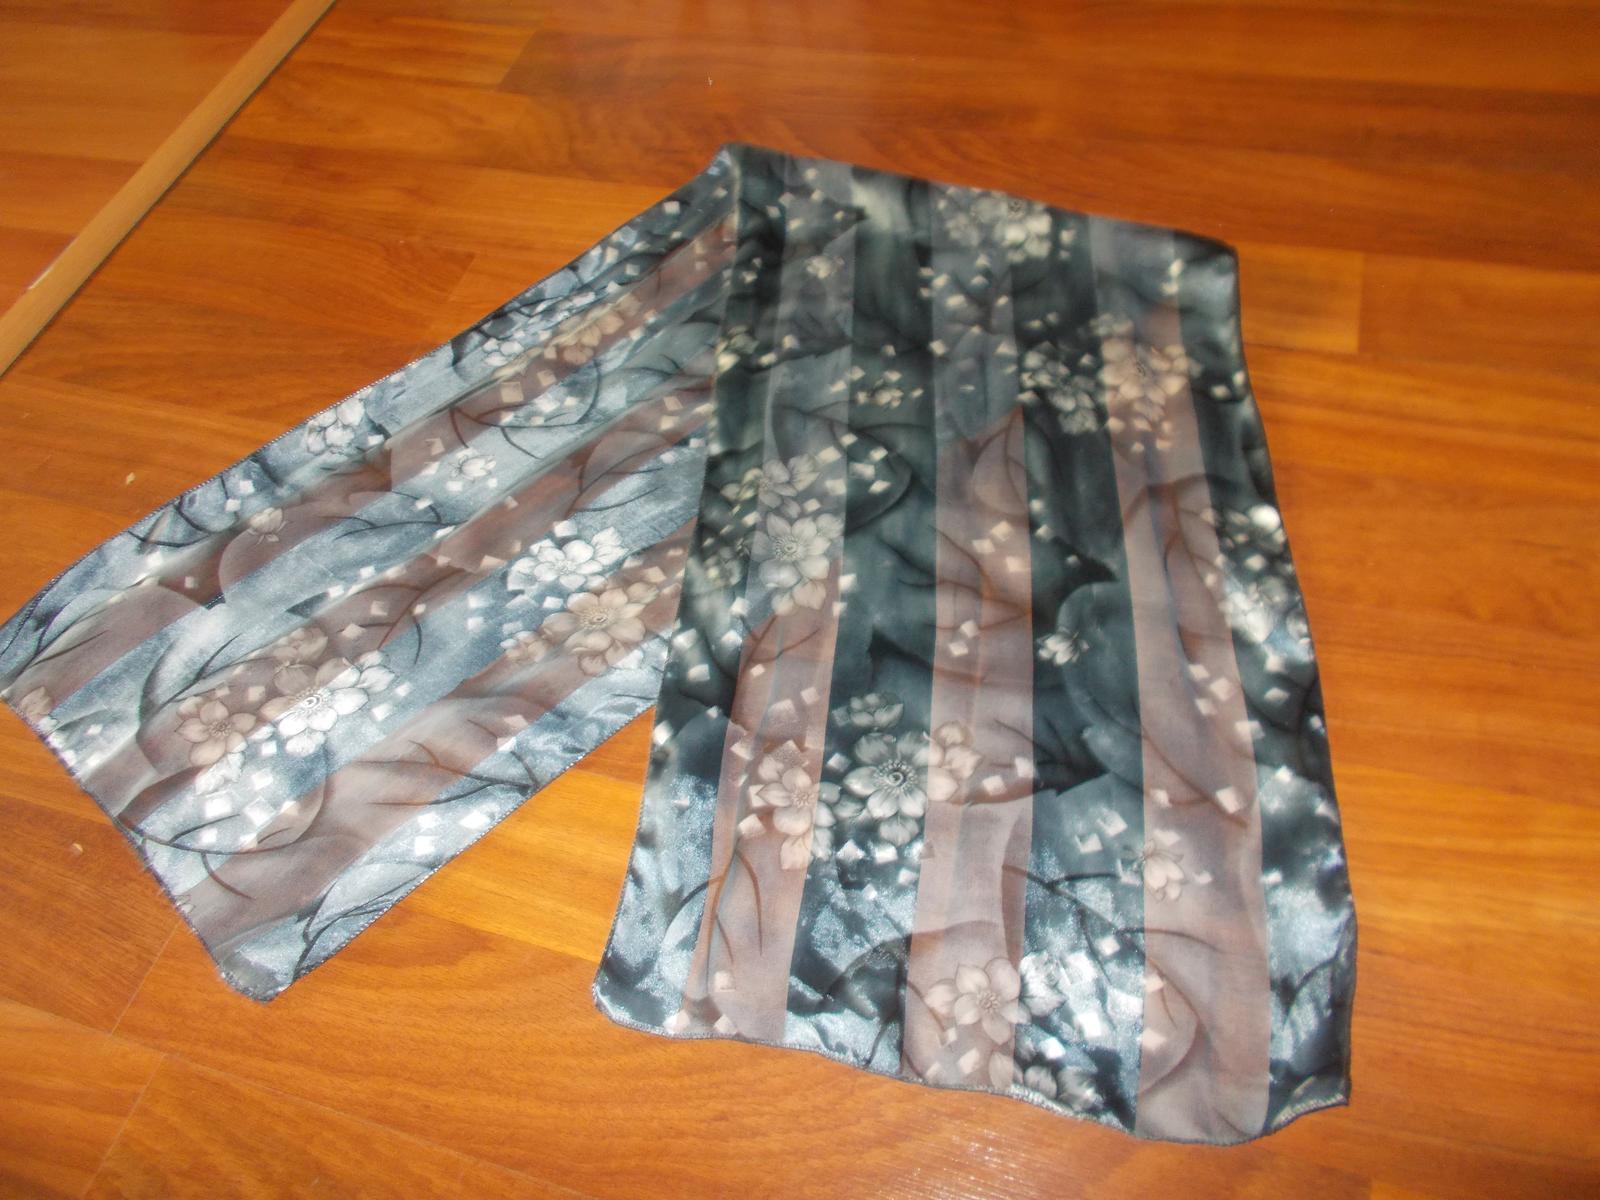 šedý šátek s květy - Obrázek č. 1